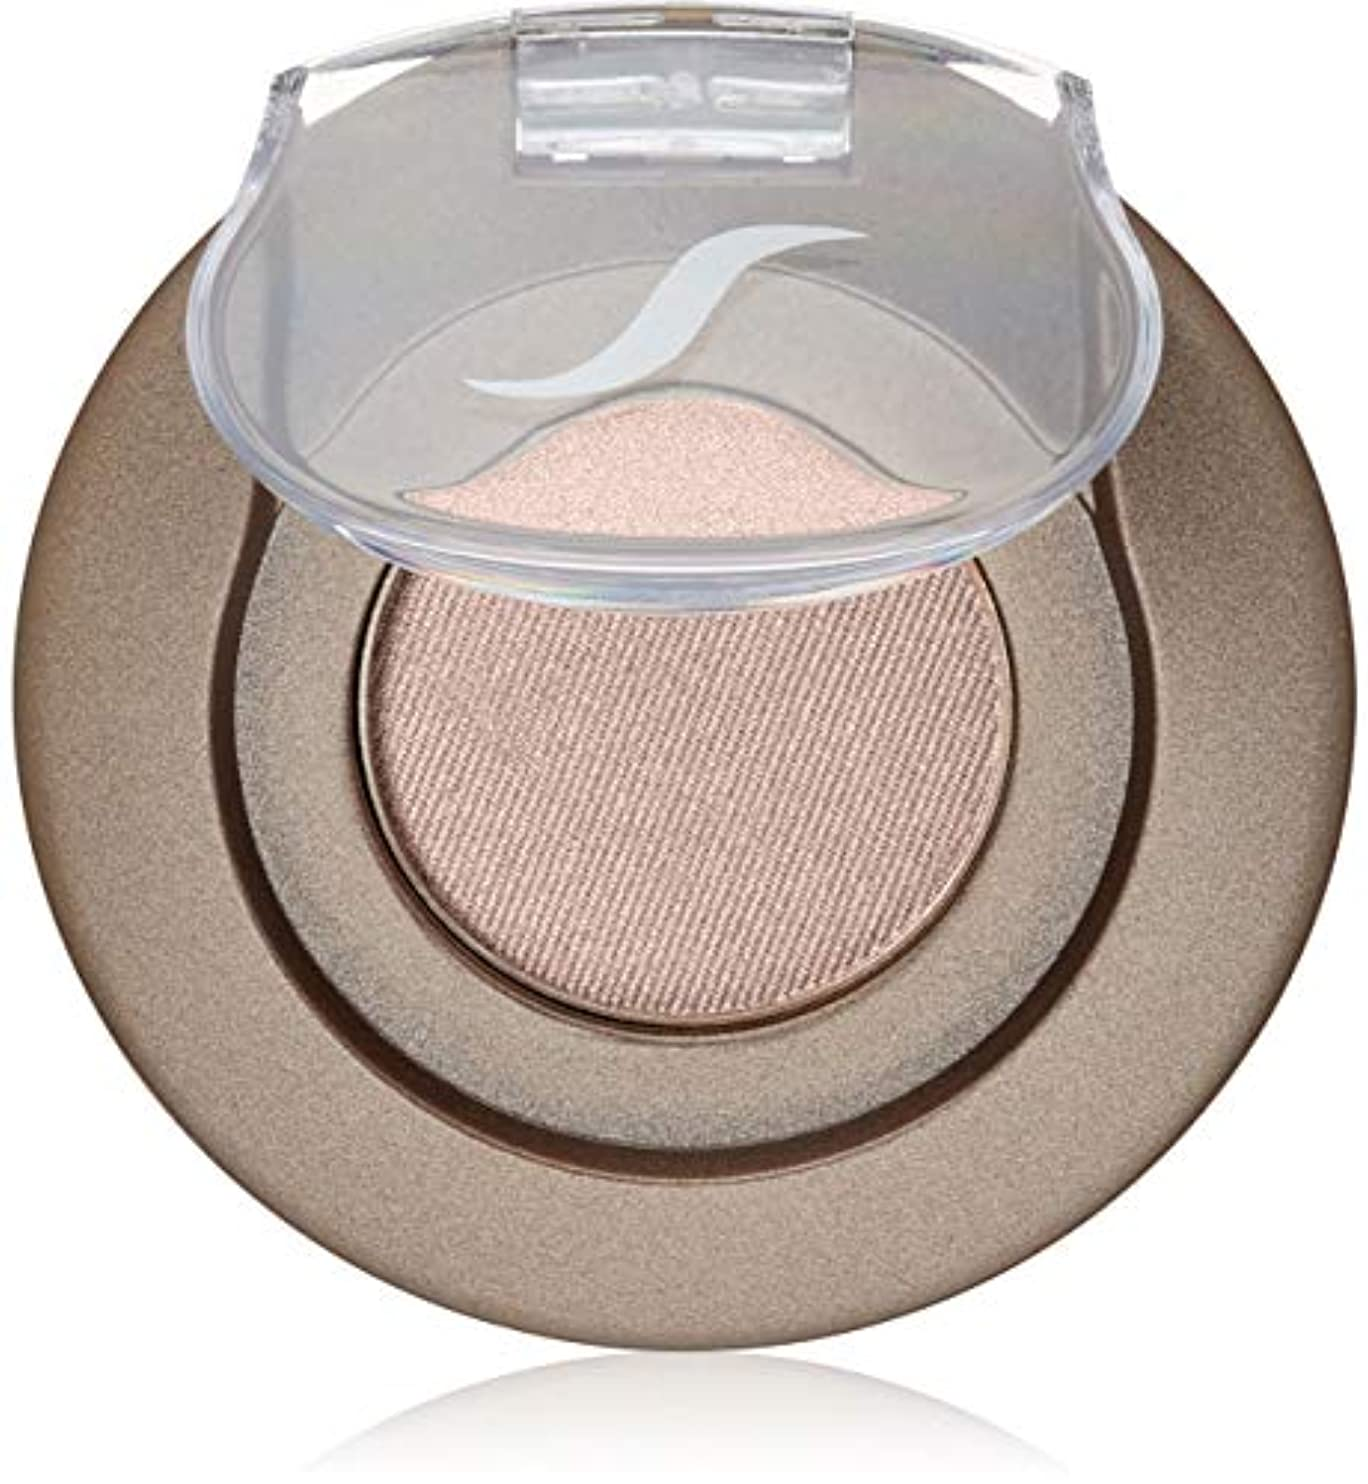 対象うっかり調整するSorme' Treatment Cosmetics Sorme化粧品ミネラルボタニカルアイシャドー、0.05オンス 0.05オンス フラッシュ